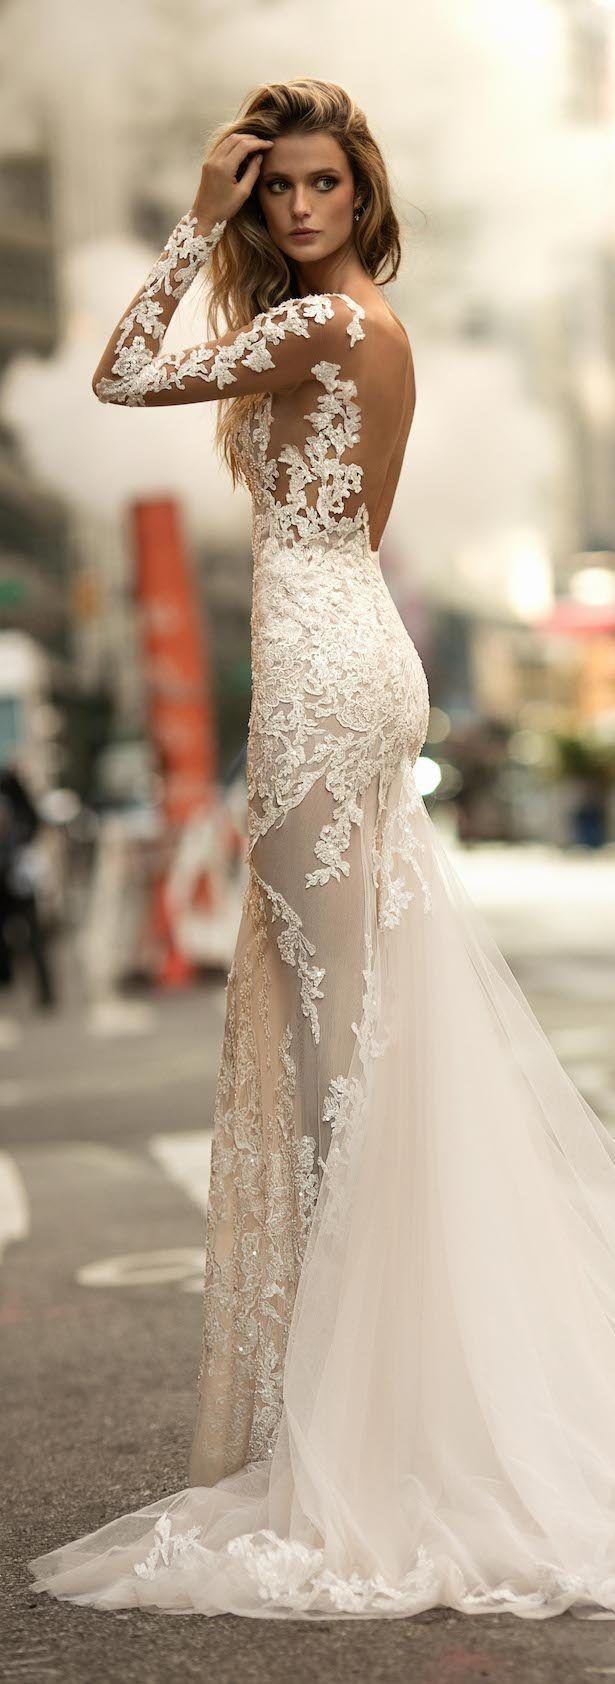 Sexy Brautkleid Aus Nude Tull Und Ivory Spitze Hochzeitskleid